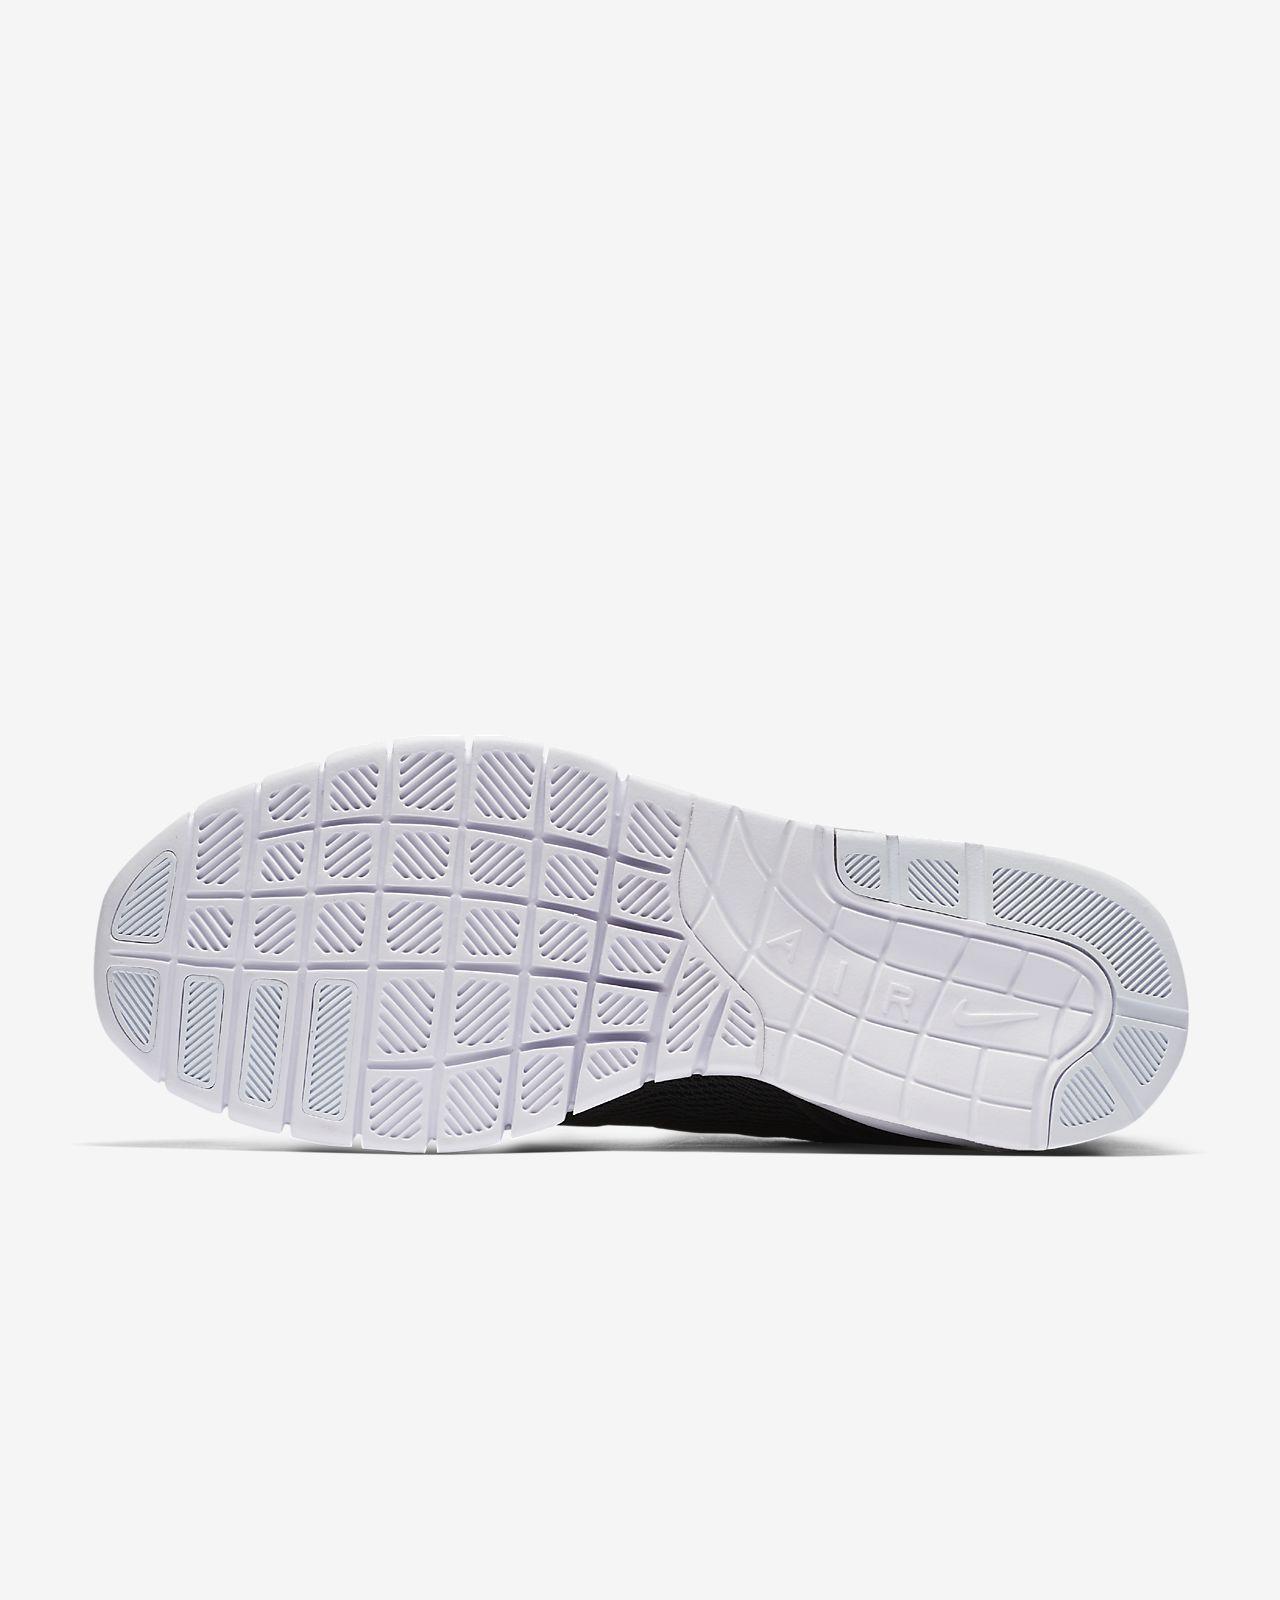 info for 12de3 c86a0 ... Nike SB Stefan Janoski Max Skate Shoe